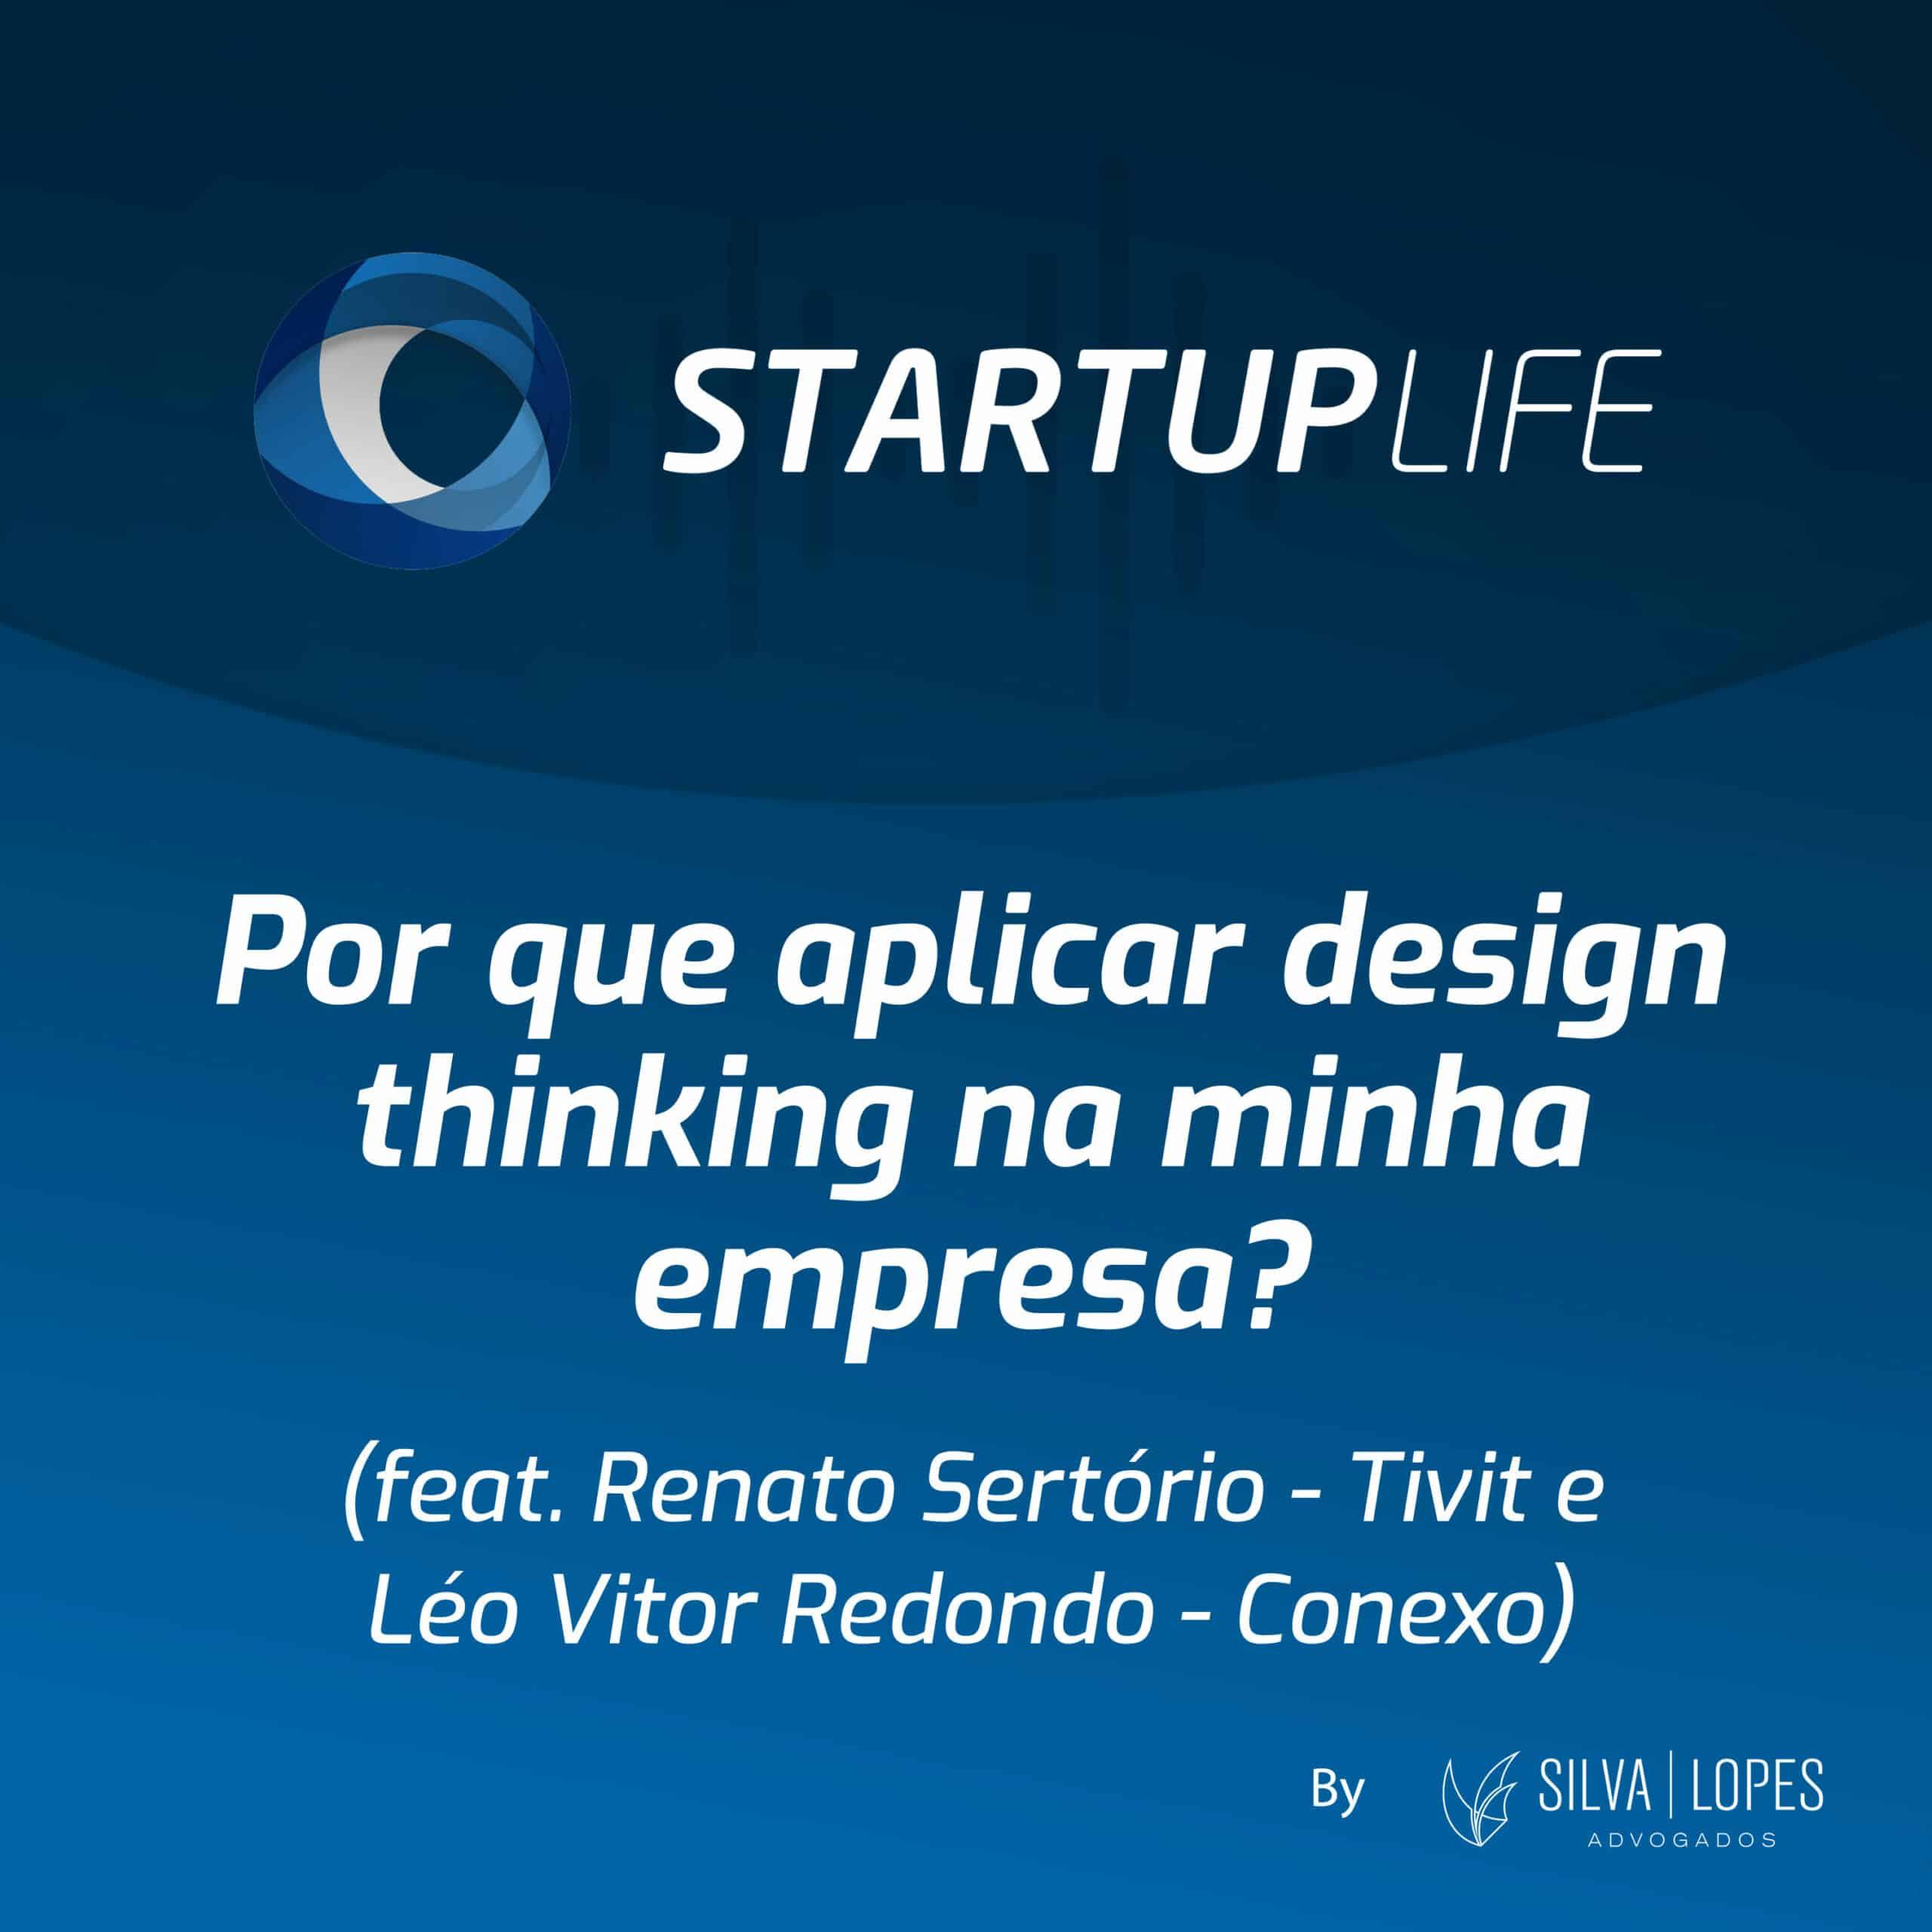 Por que aplicar design thinking na minha empresa?